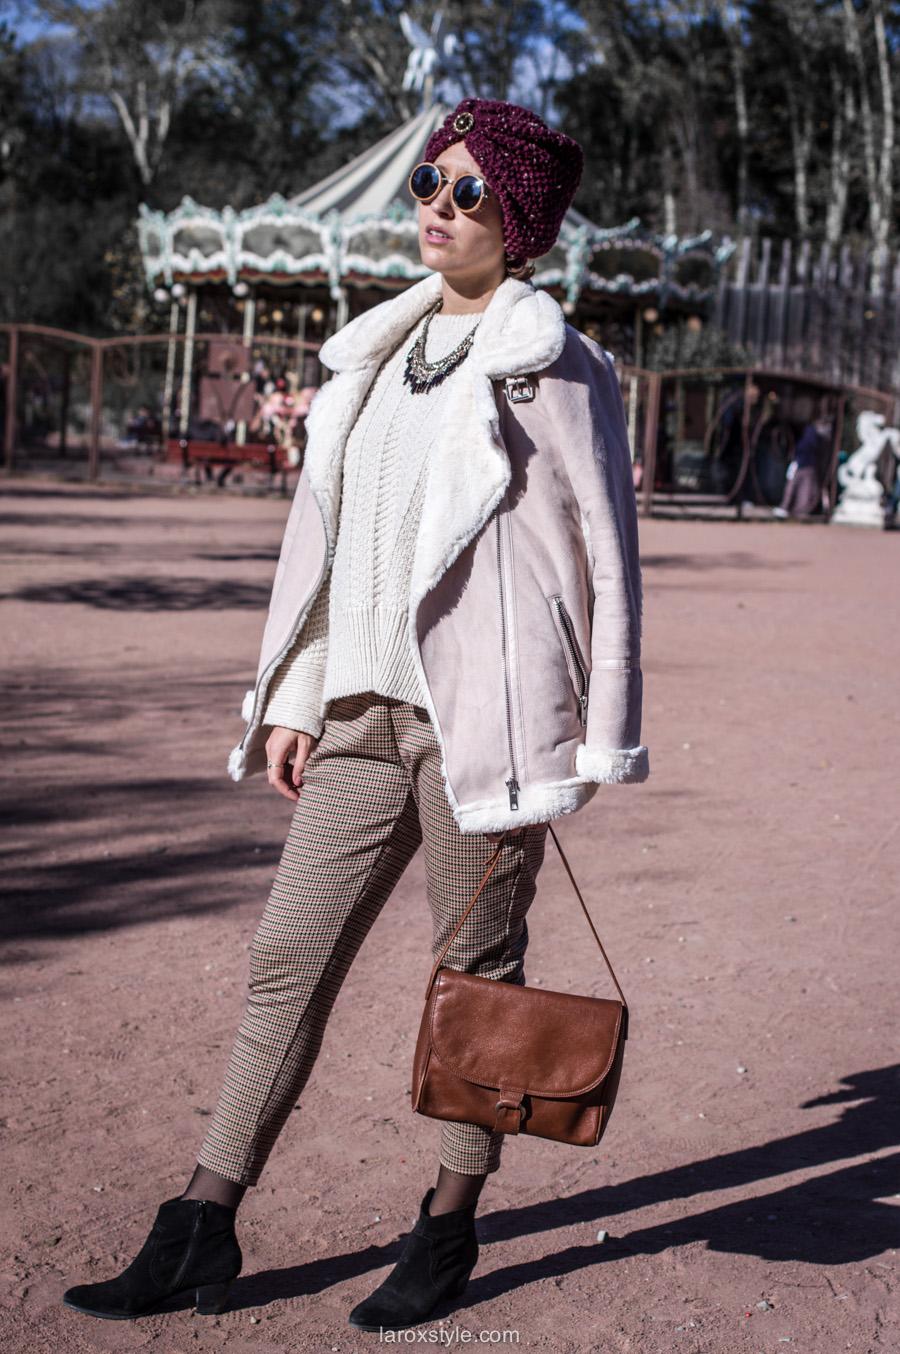 retro look - turban cheveux - pantalon pied de poule - laroxstyle blog mode lyon-11